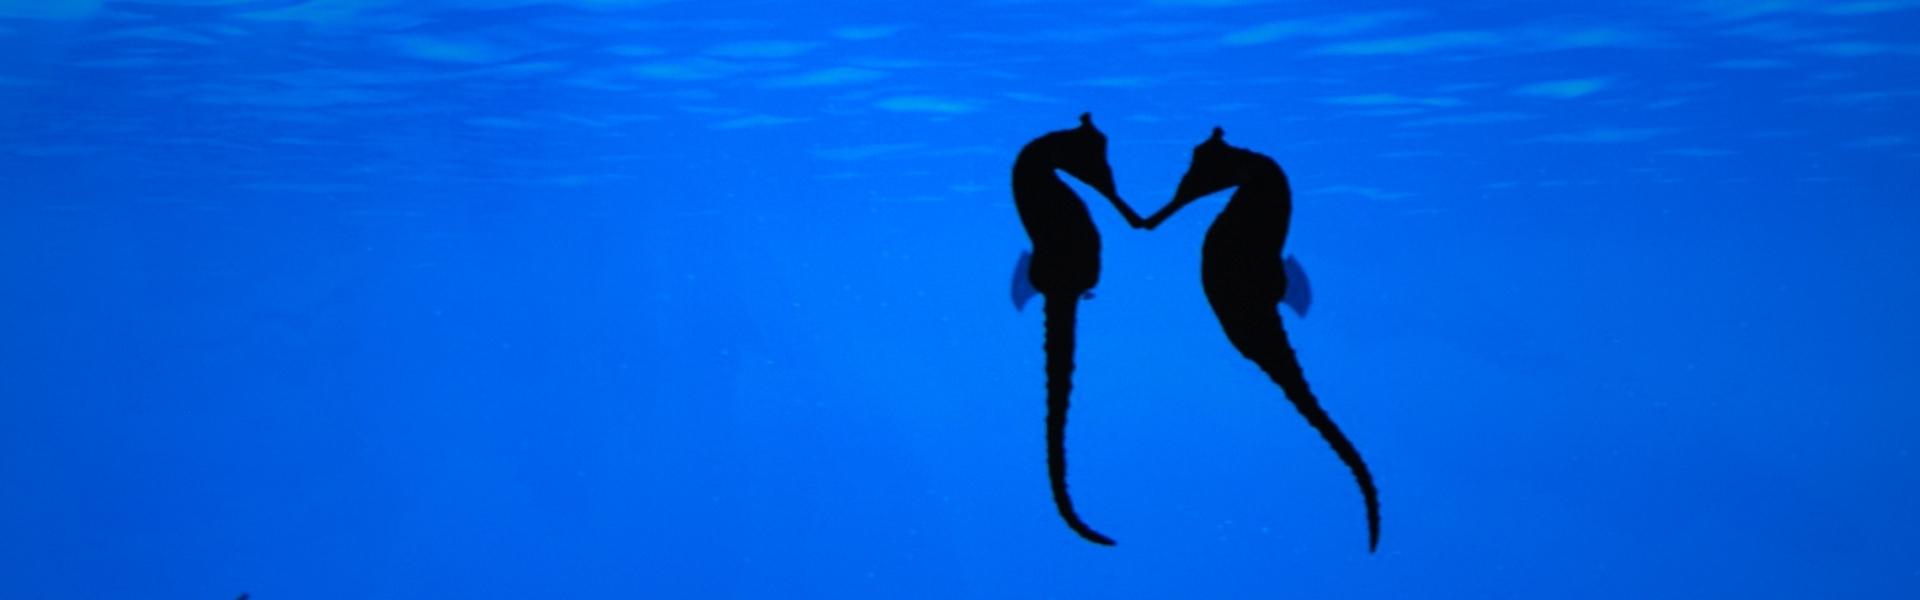 Iubiri fabuloase din lumea necuvântătoarelor: animale care se pricep la relaţii mai bine decât noi